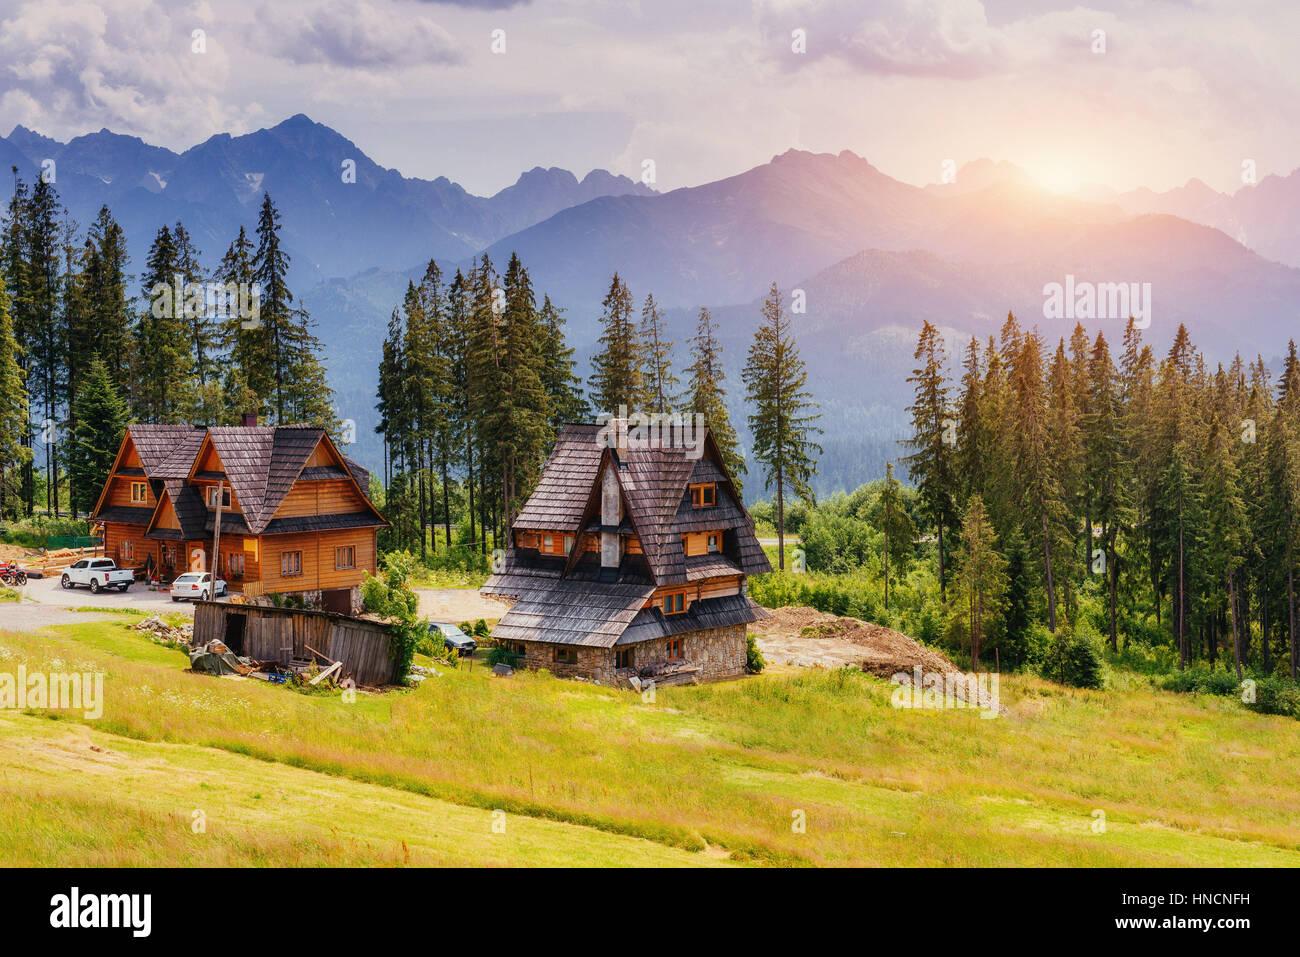 Traditionellen Holzhaus in den Bergen auf der grünen Wiese Mount Stockbild